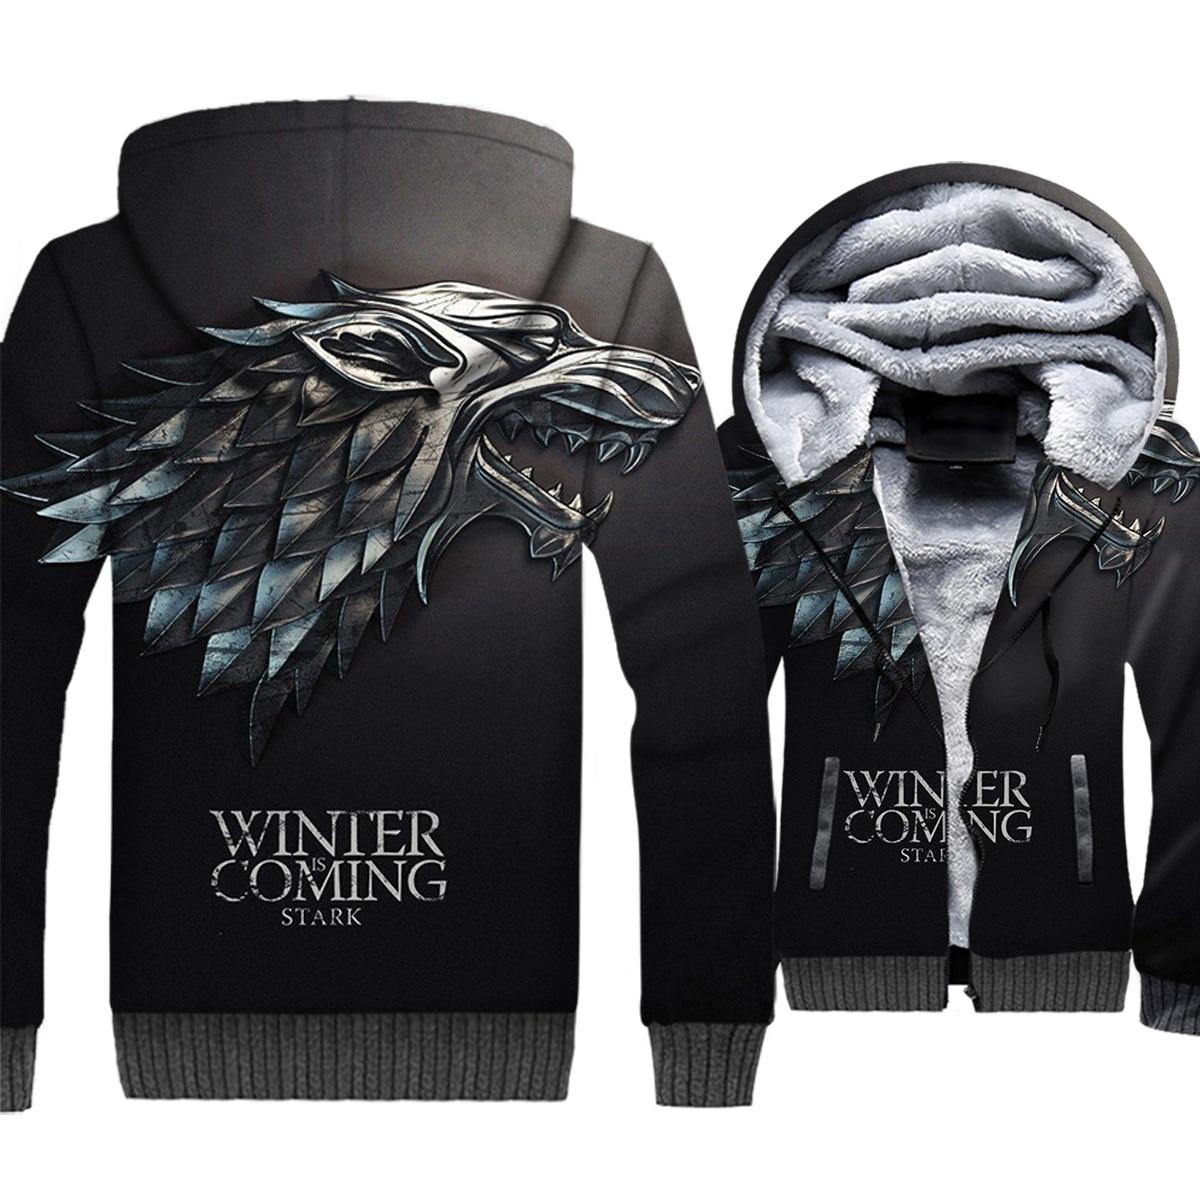 Game Of Thrones House Stark Wolf 3D Hoodies Sweatshirts hommes 2019 hiver chaud vestes décontracté grande taille Zipper manteau marque vêtements